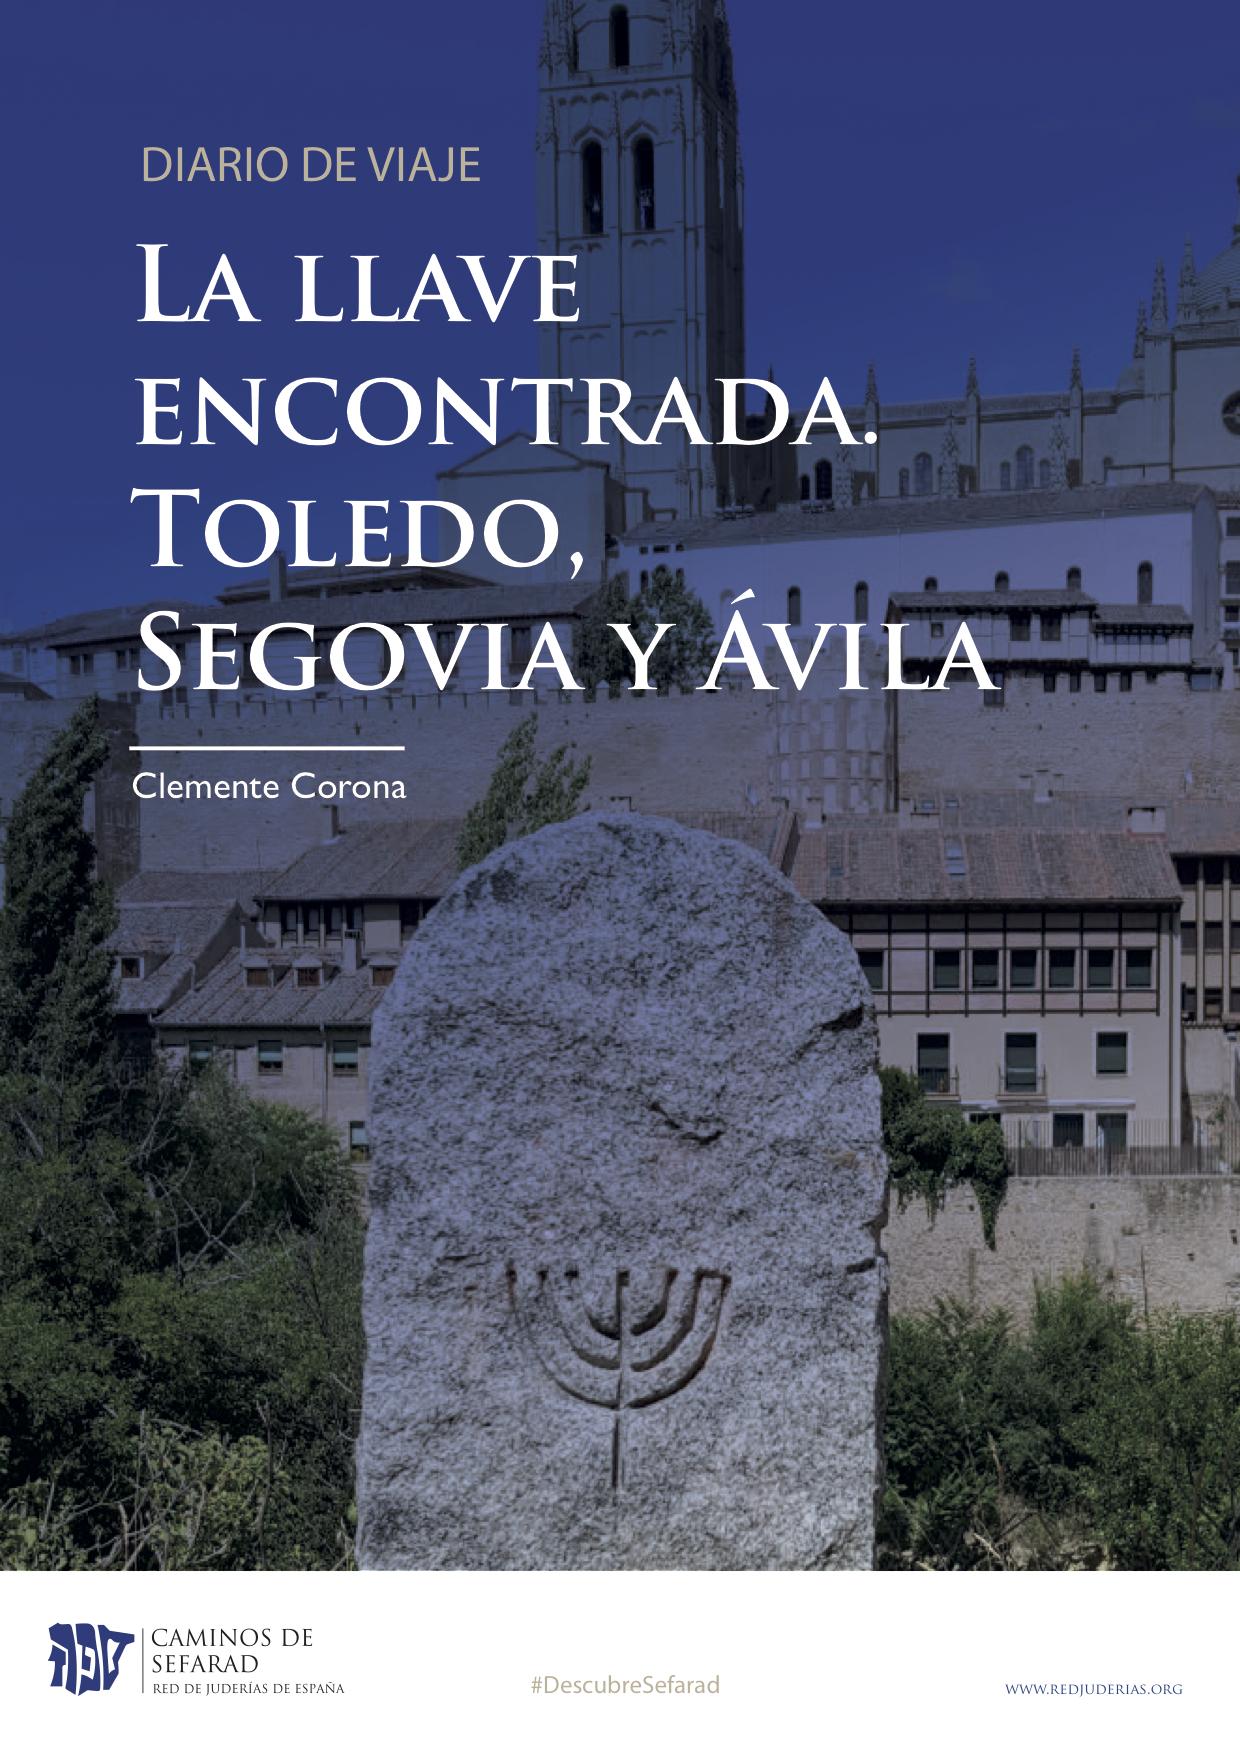 DIARIO DE VIAJE-LA LLAVE ENCONTRADA-LAS JUDERIAS DE AVILA TOLEDO SEGOVIA-DESCUBRE SEFARAD-CLEMENTE CORONA